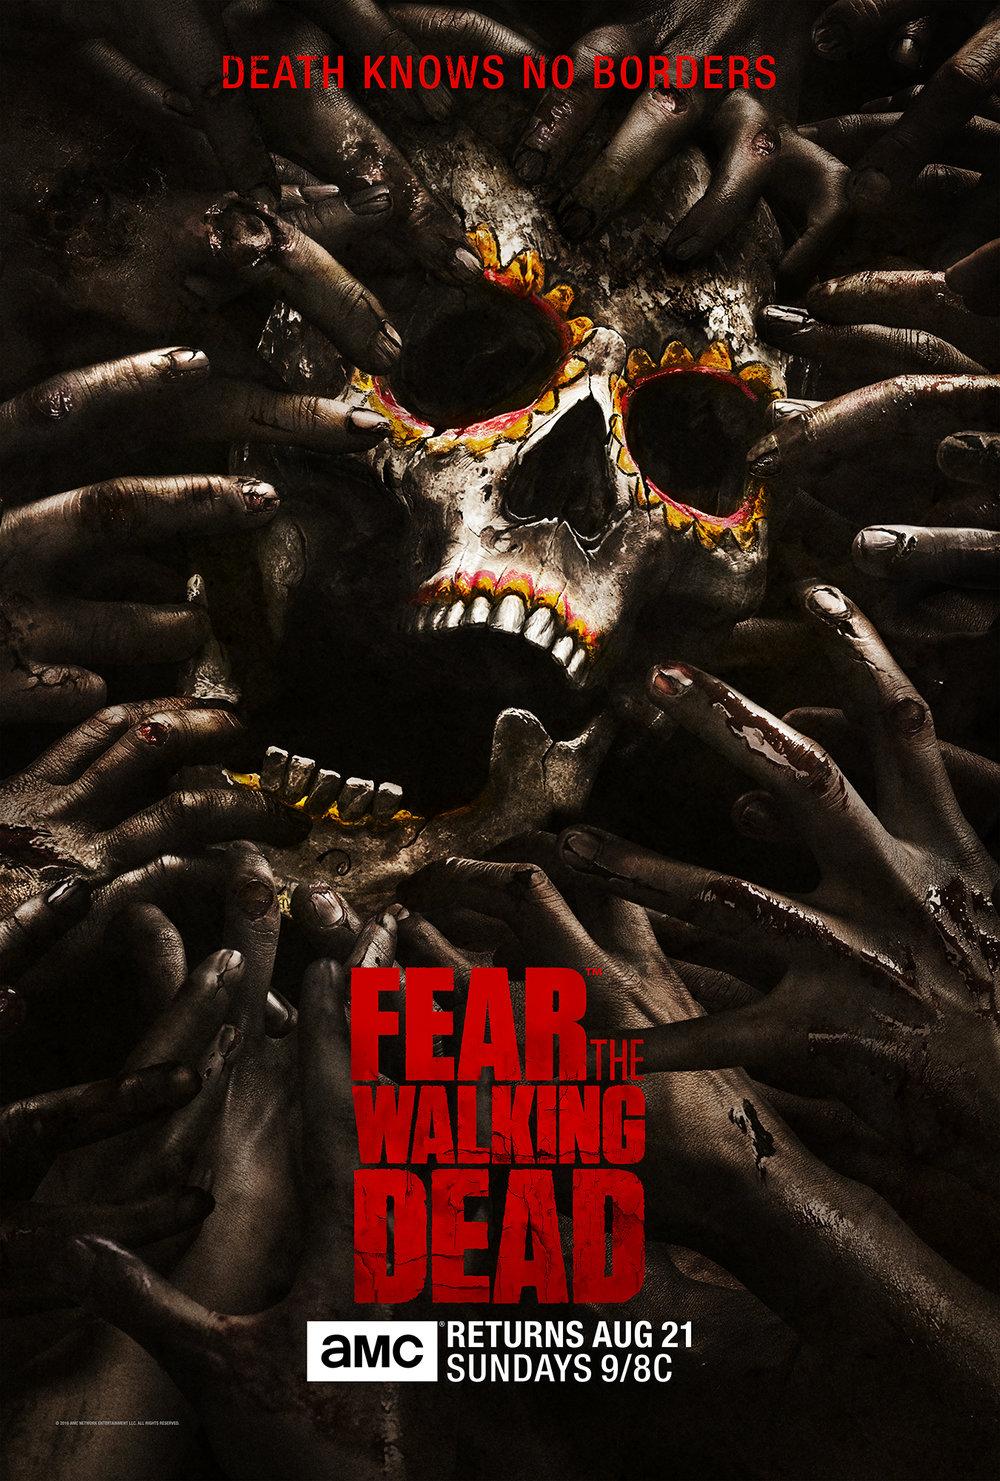 FearTWDS2B_1Sht_NTI_100dpi.jpg